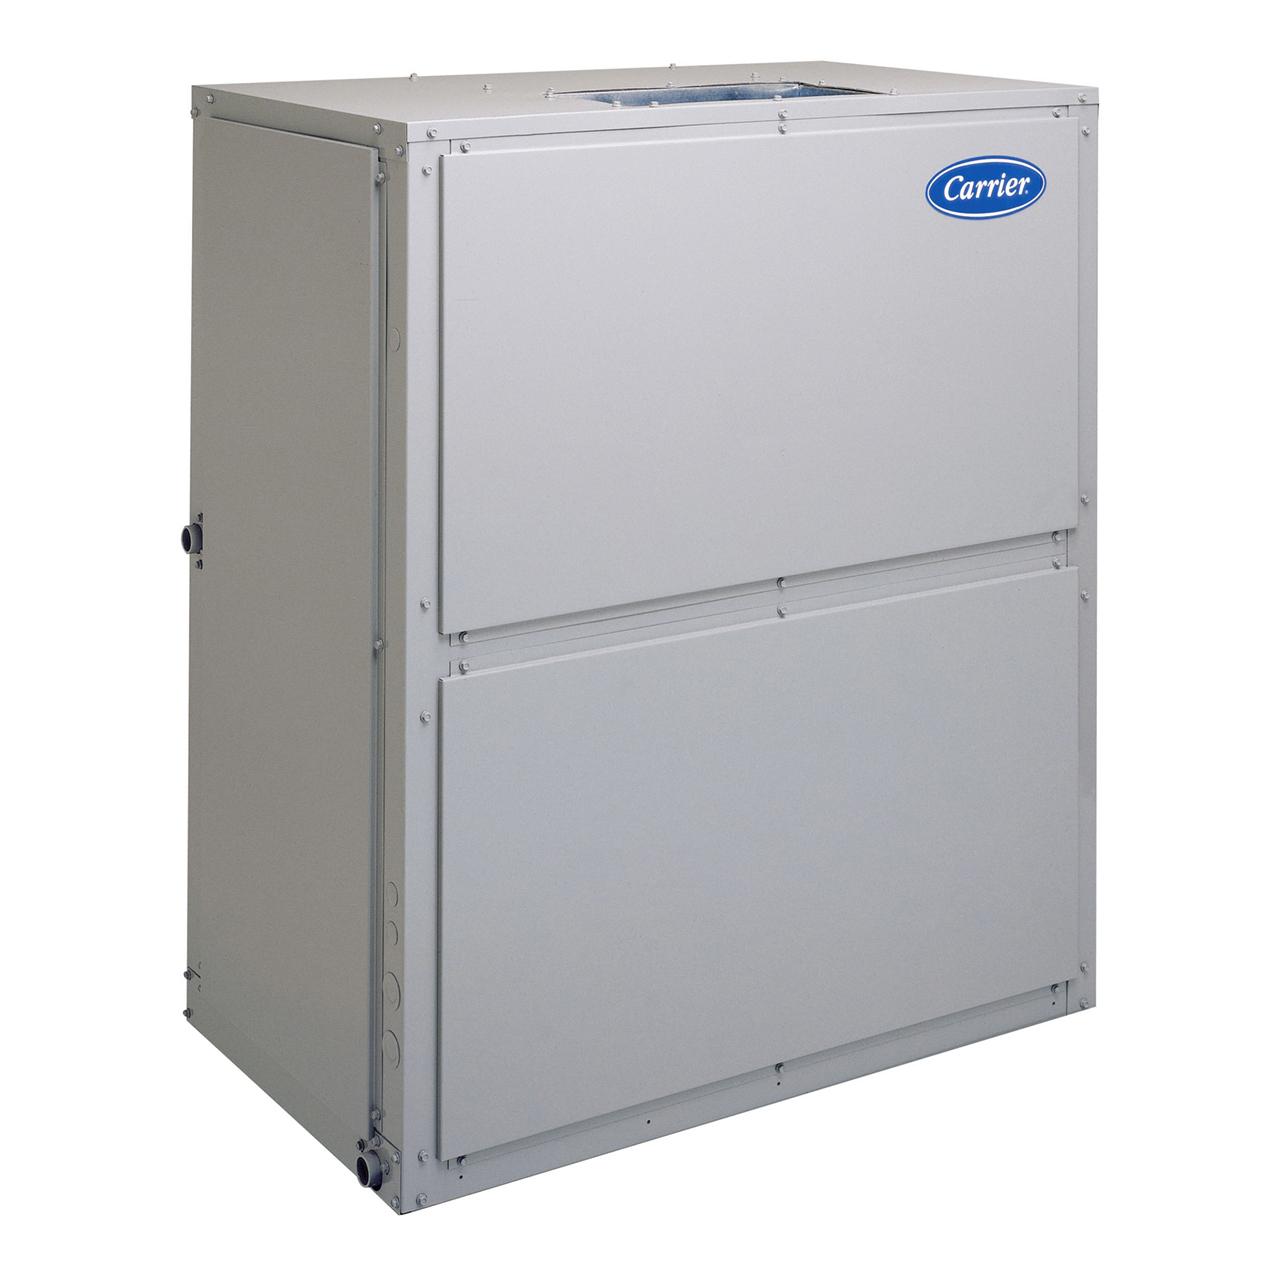 carrier-40ru-packaged-air-hander